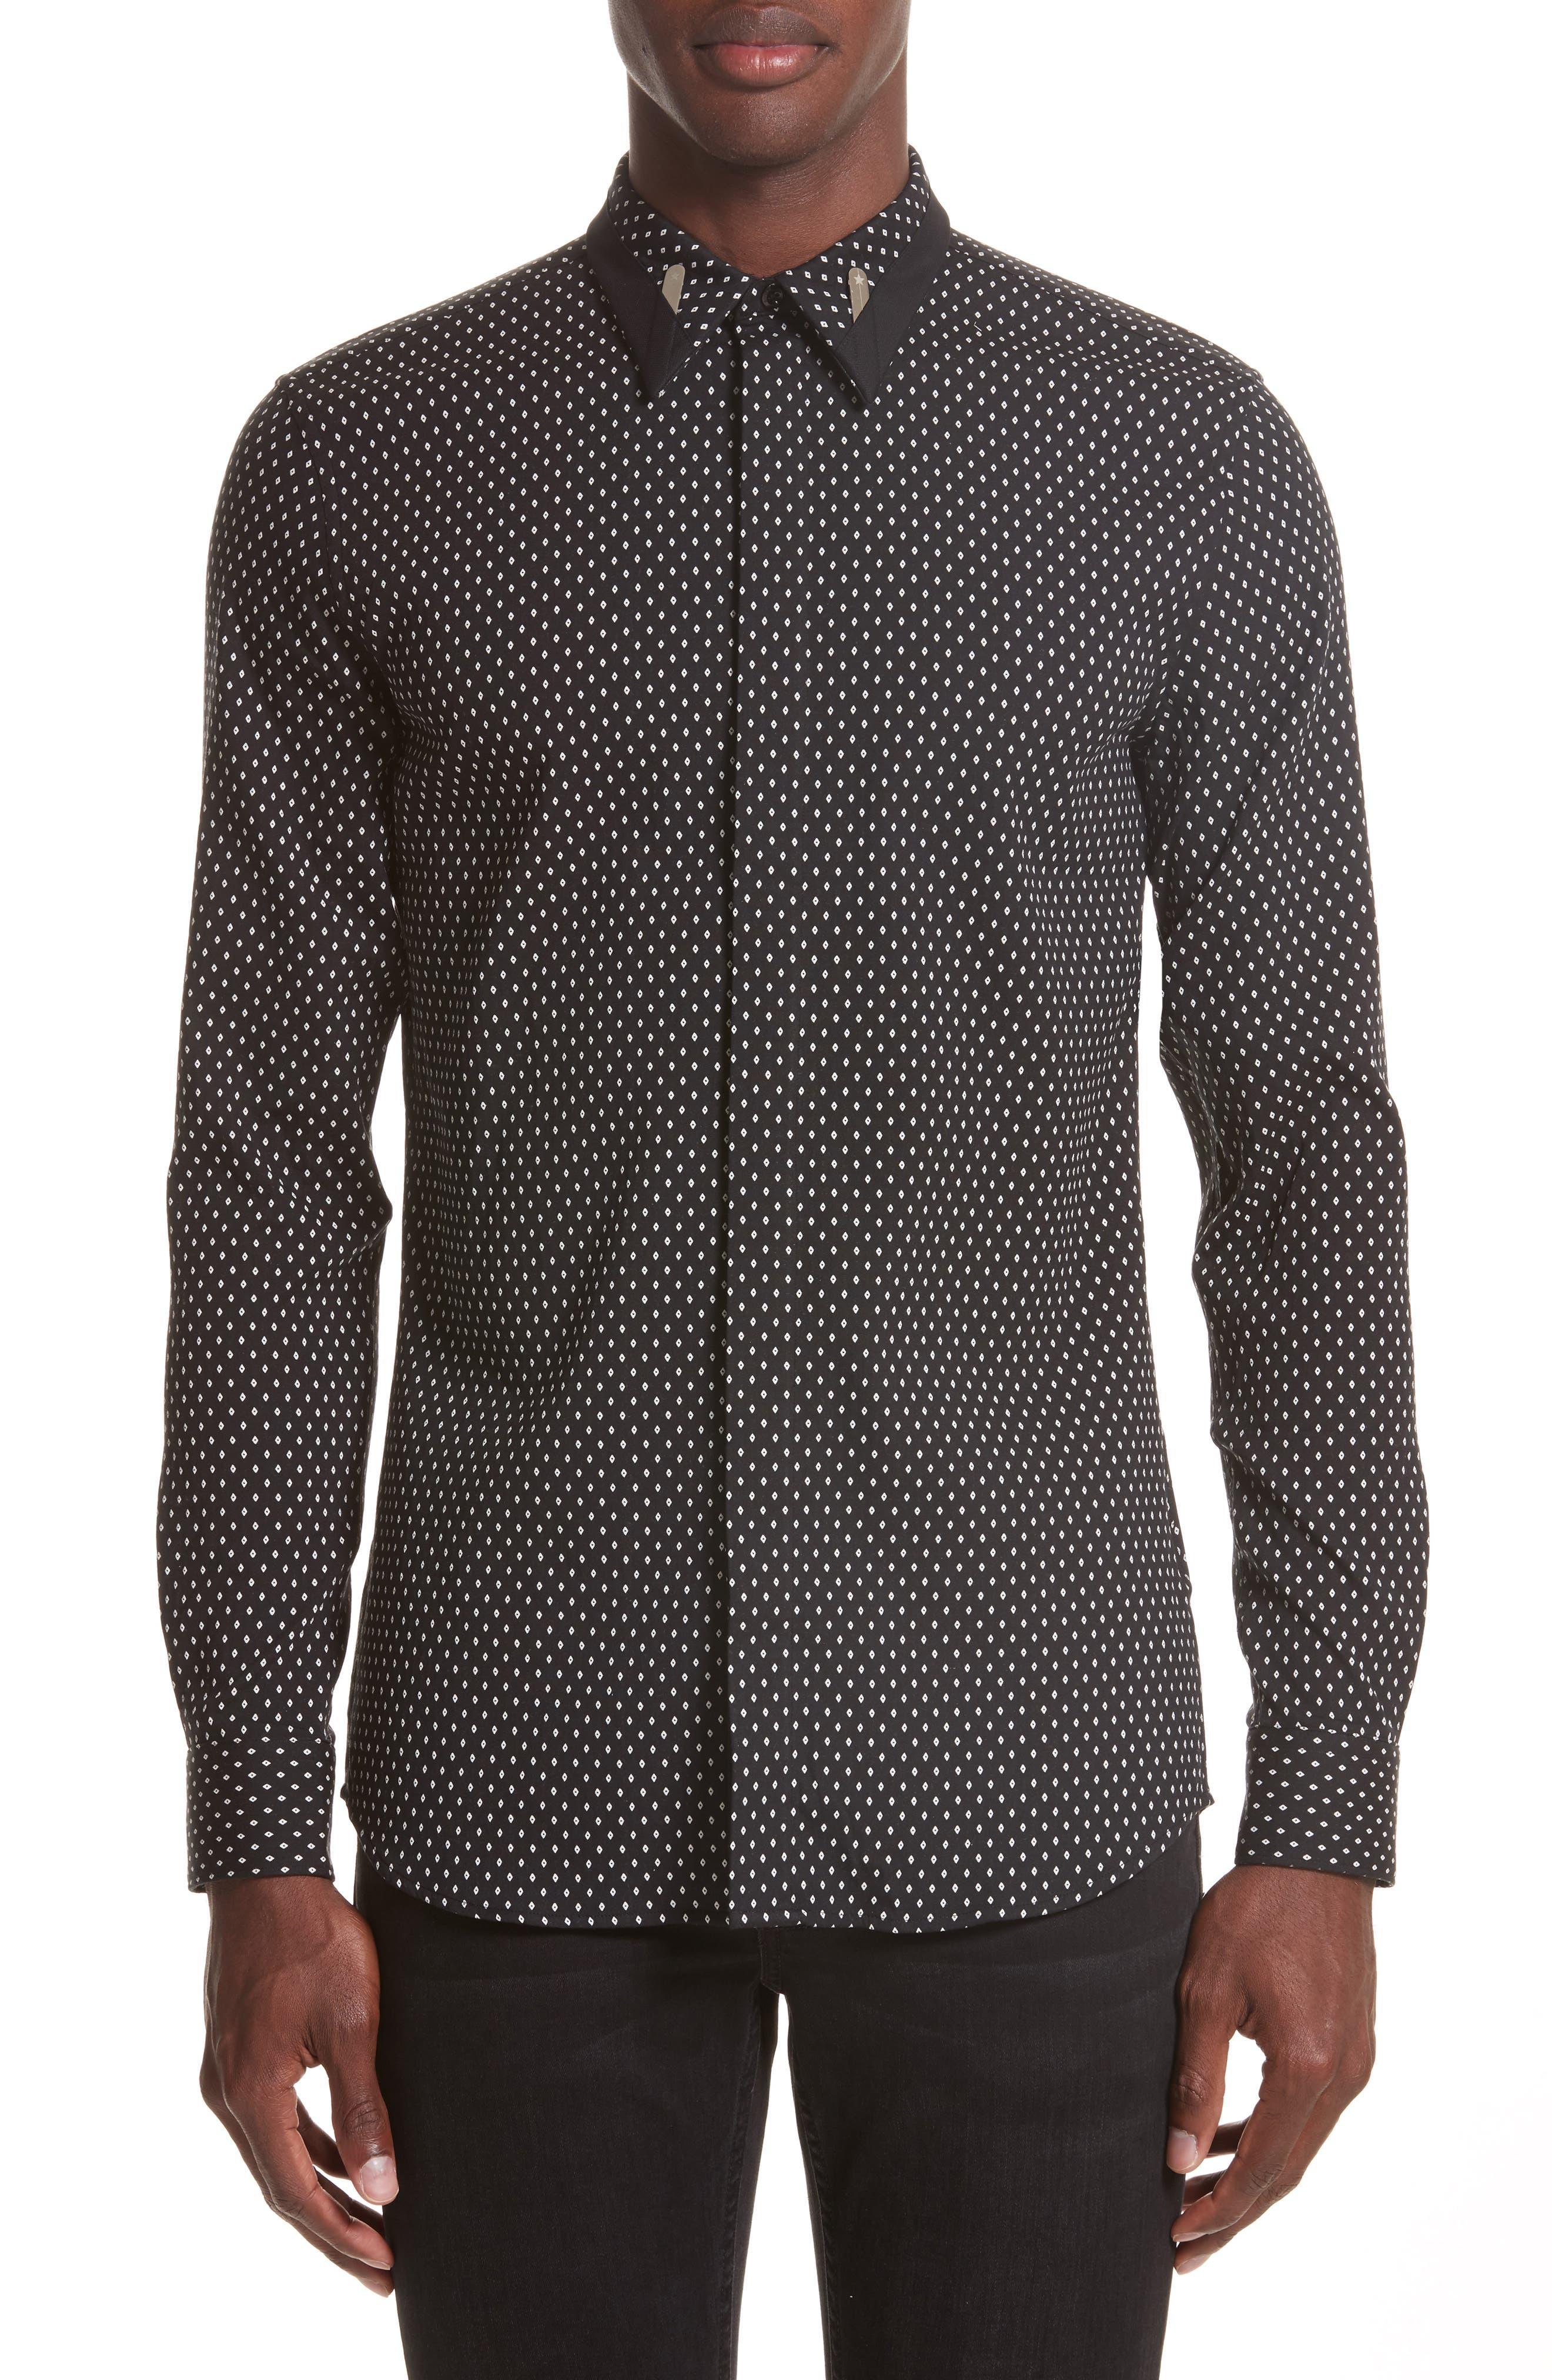 Main Image - Givenchy Jacquard Collar Stay Shirt